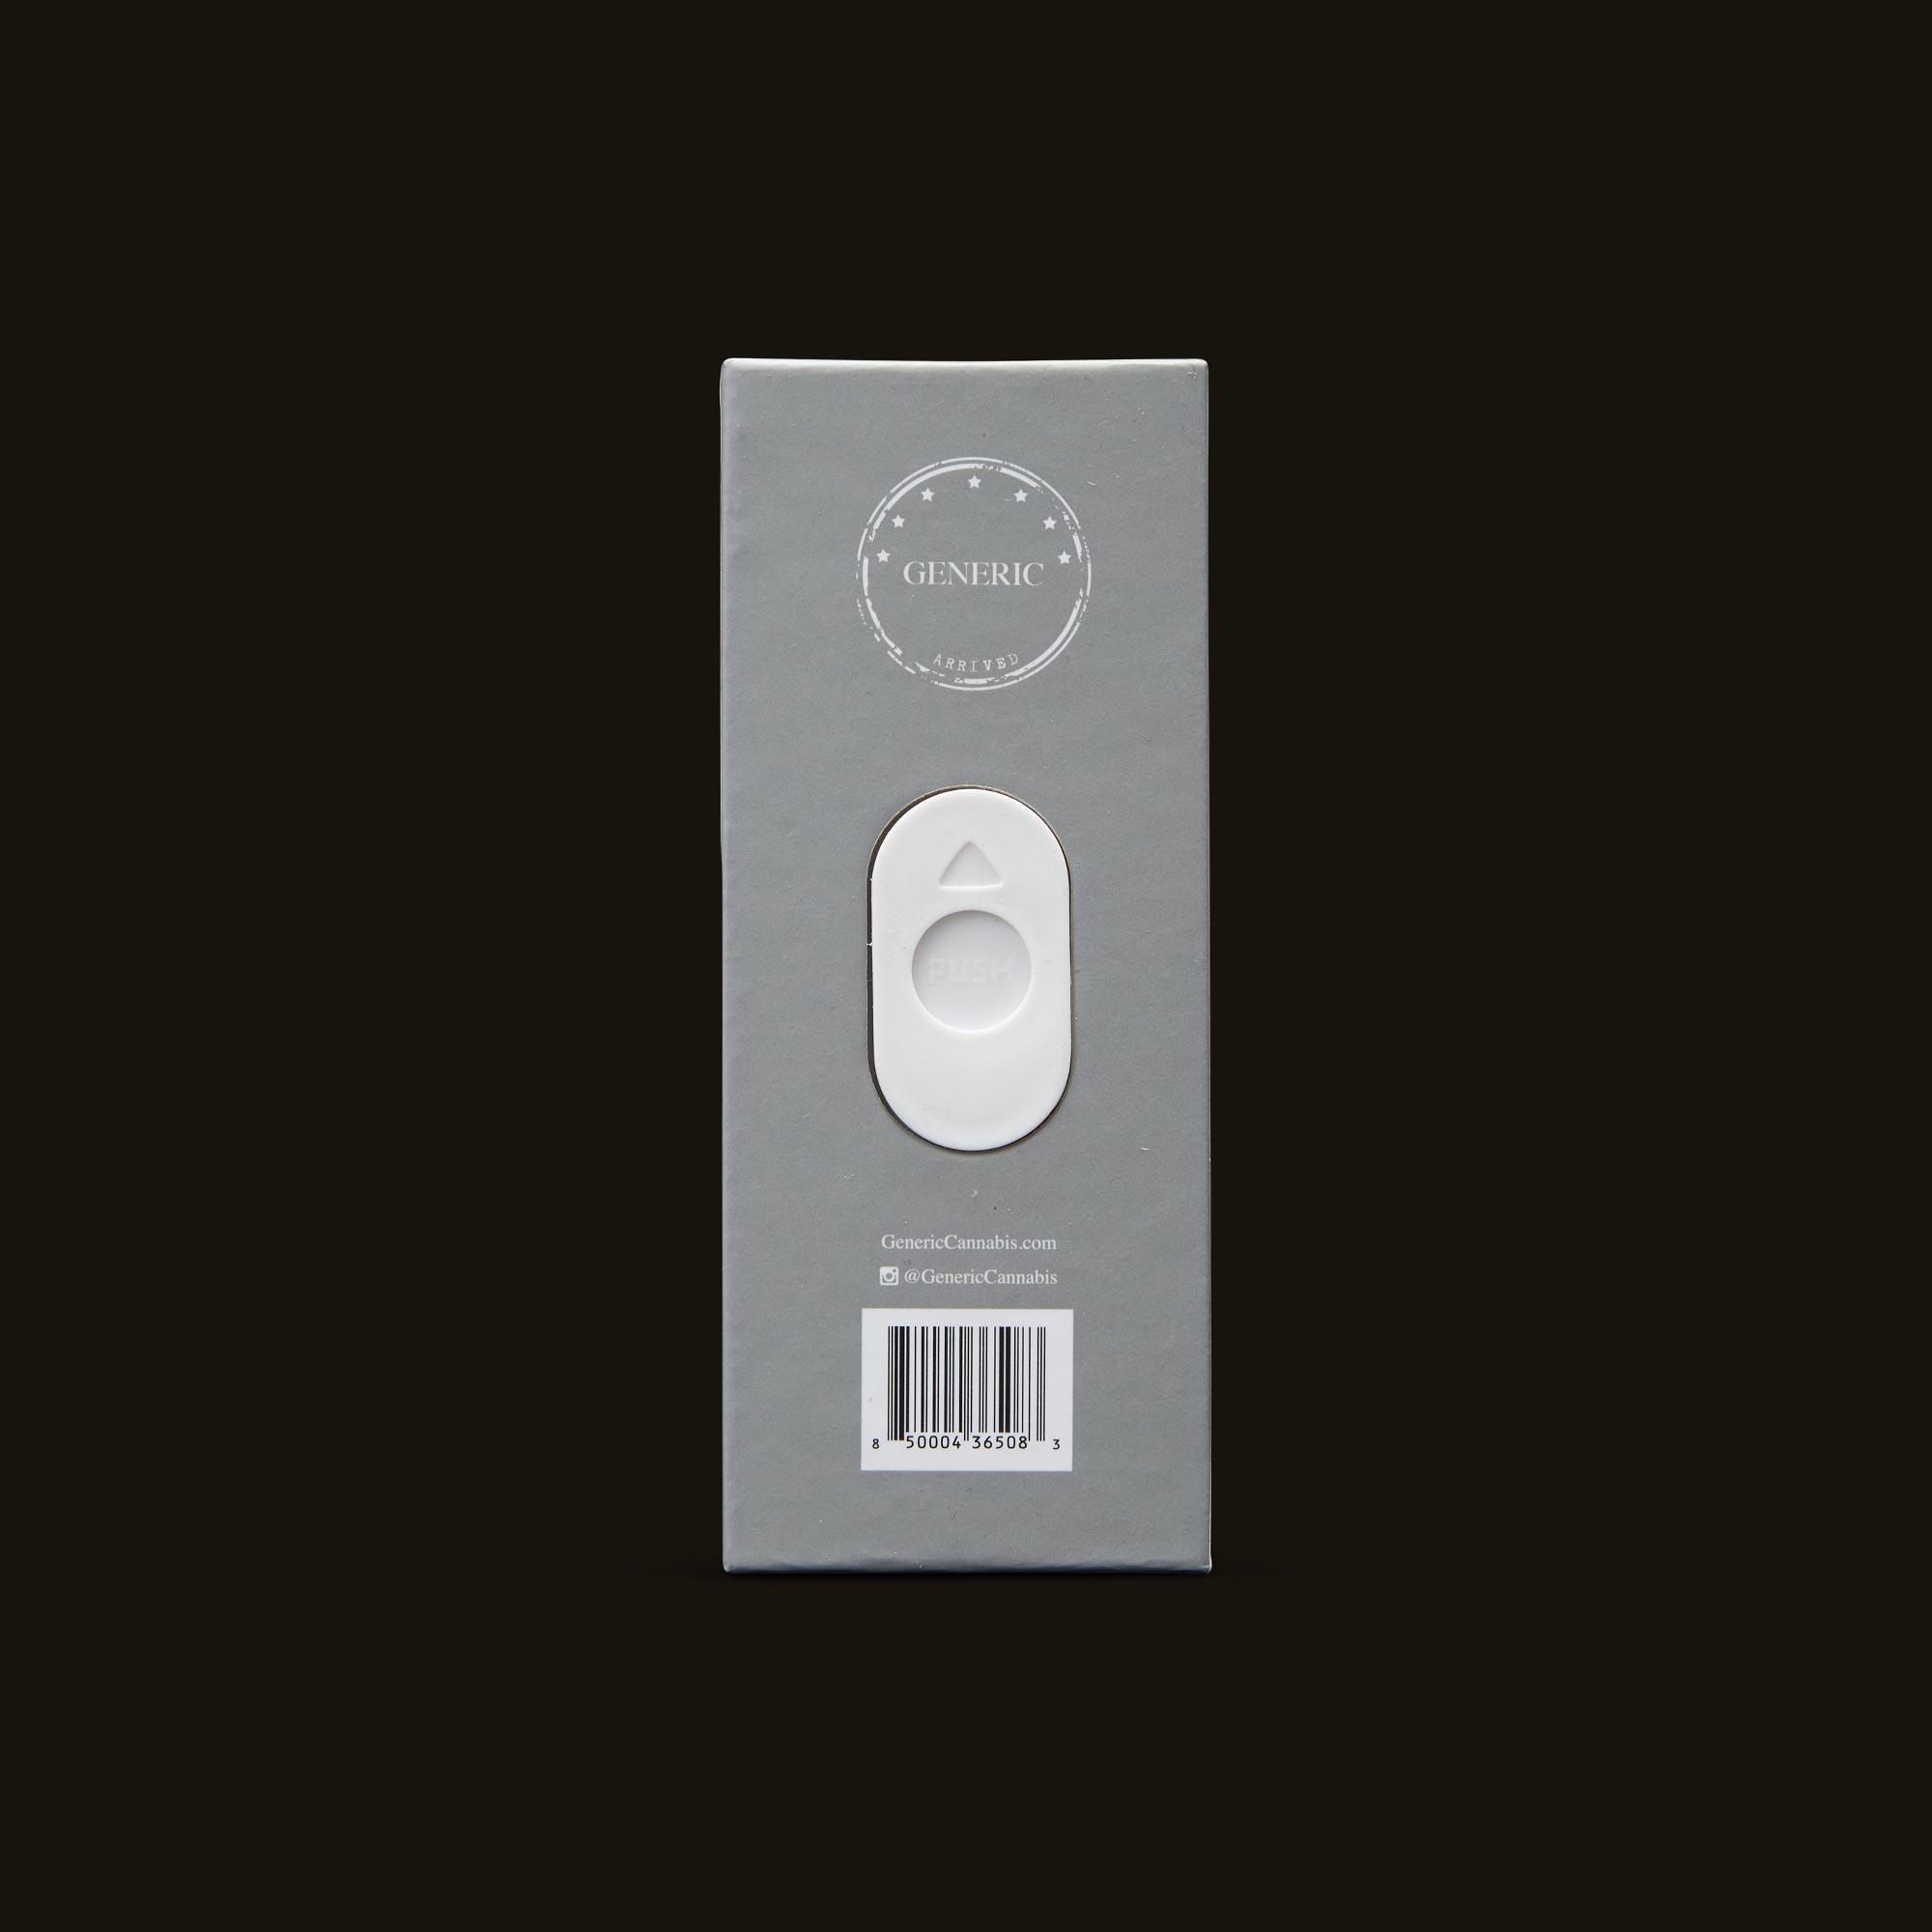 Generic Diamond OG Disposable Back Packaging